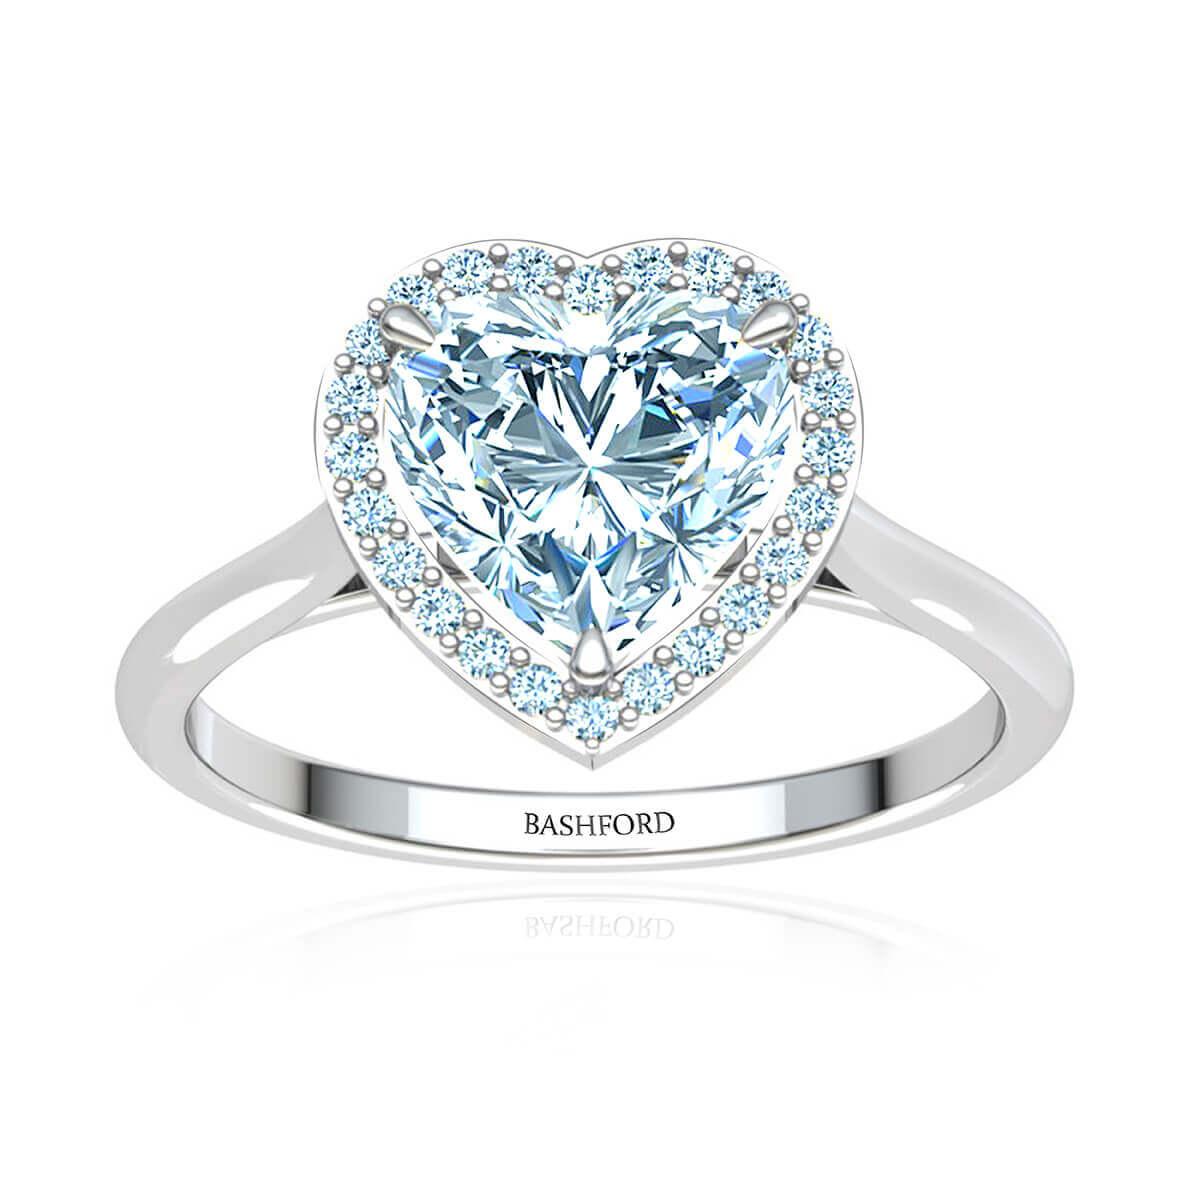 Gaga Diamond Ring  (1/8 CT. TW.)